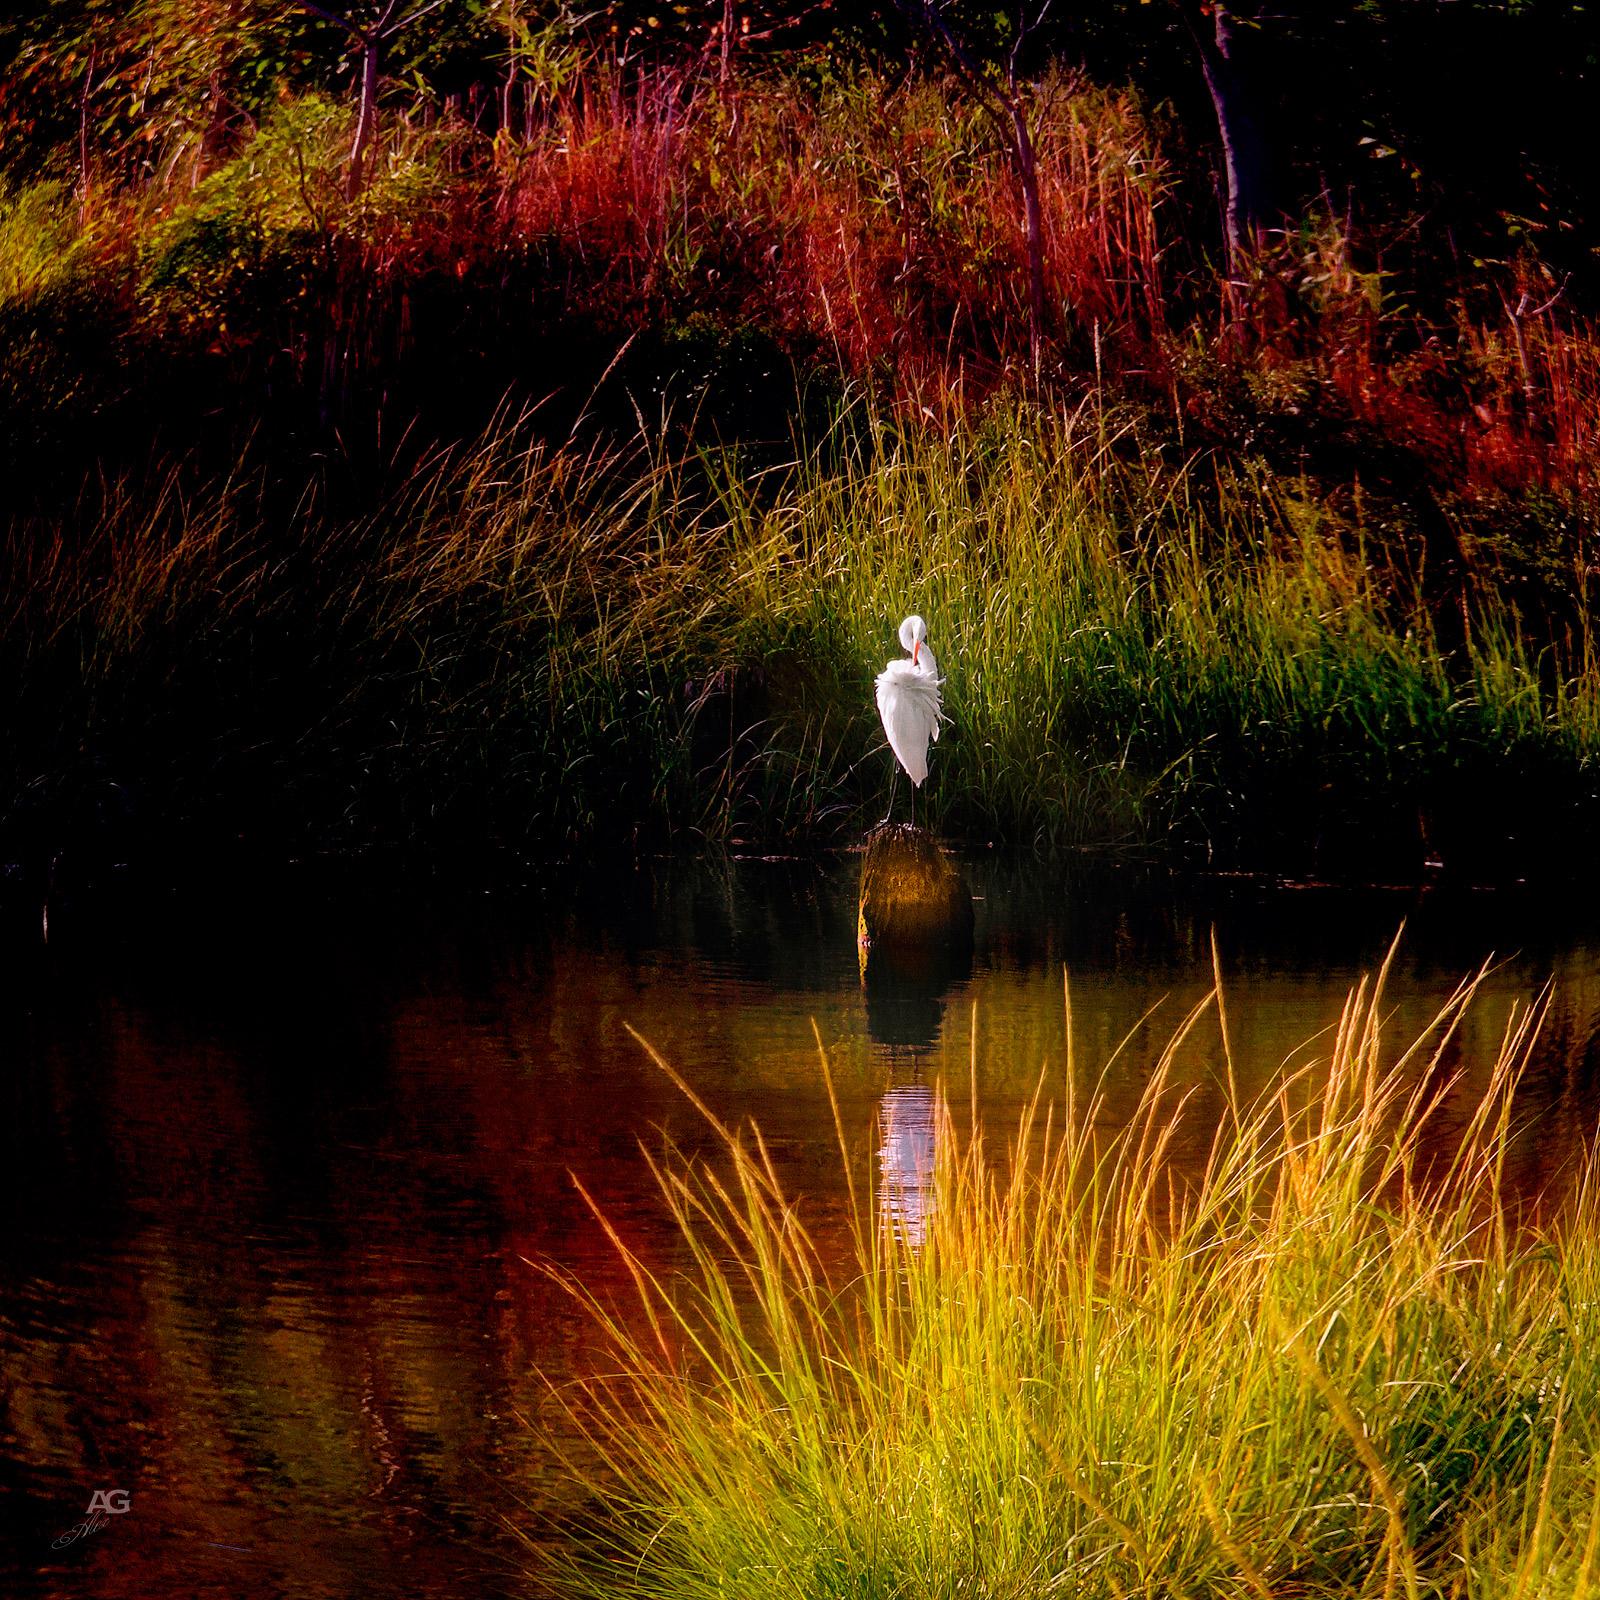 Heron-inAnElegantPose_SingleShot_MG_0673_1600